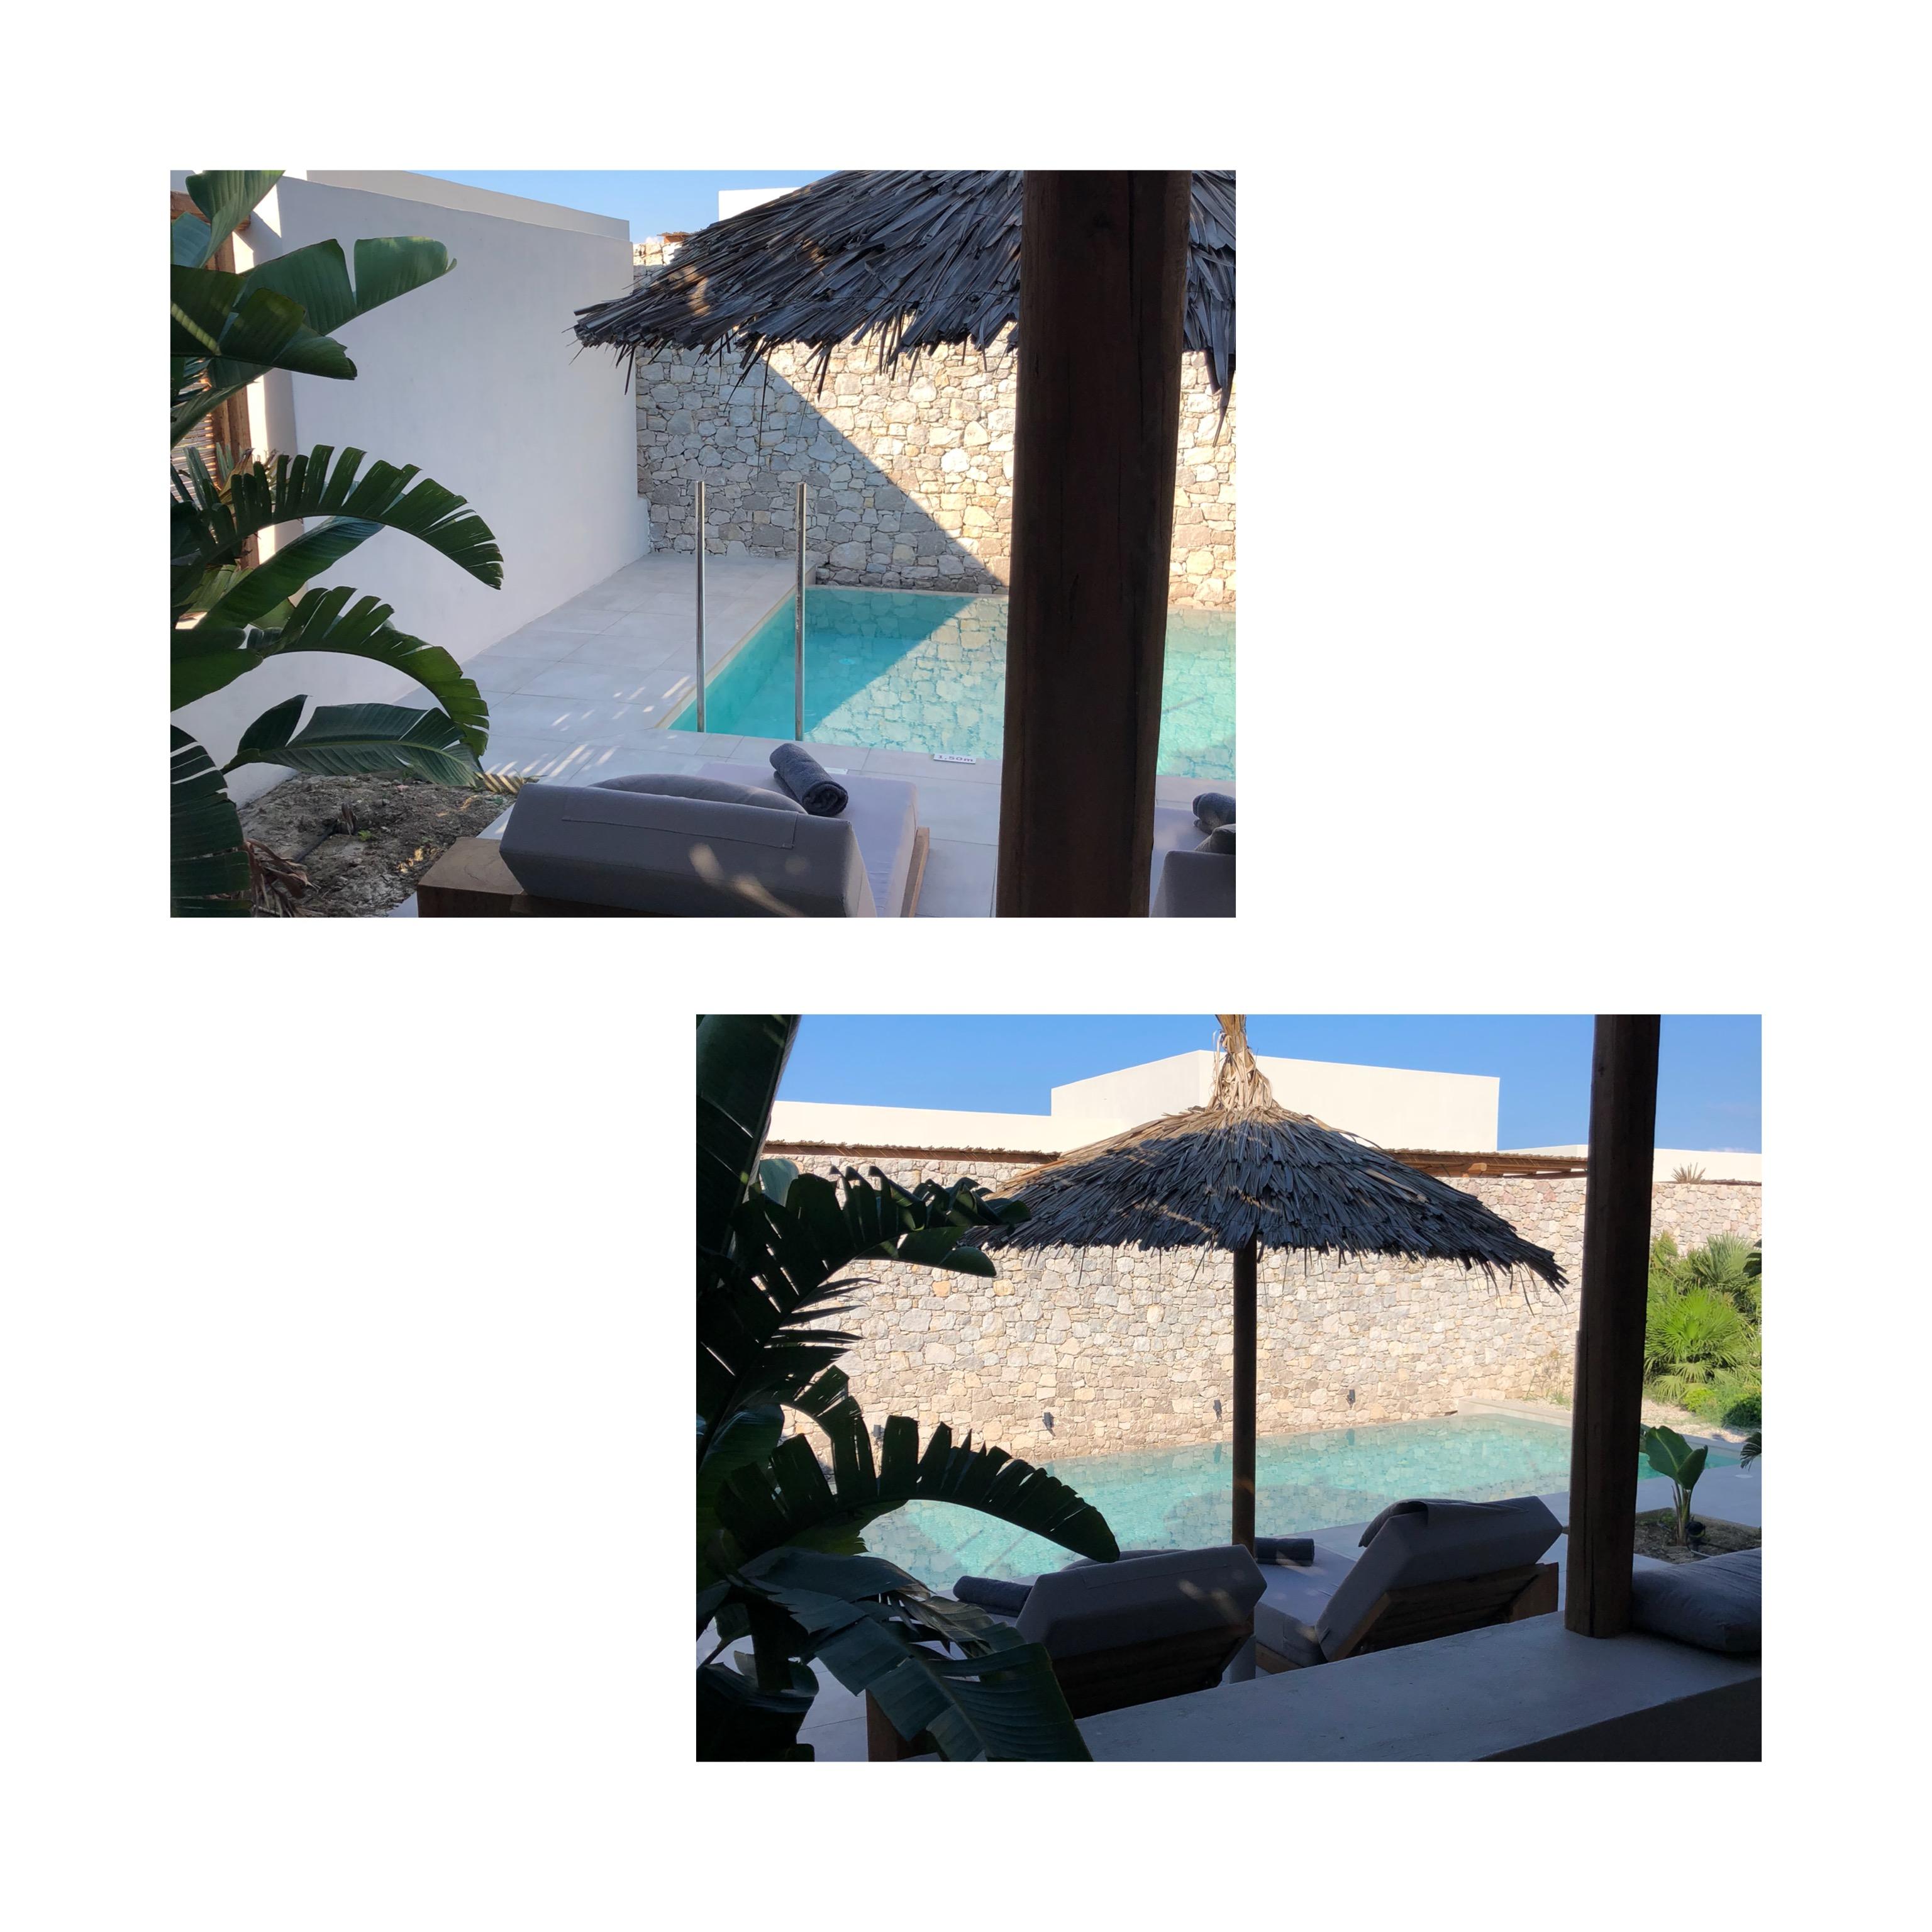 Casa Cook Kos Detaisl Terrasse und Pool